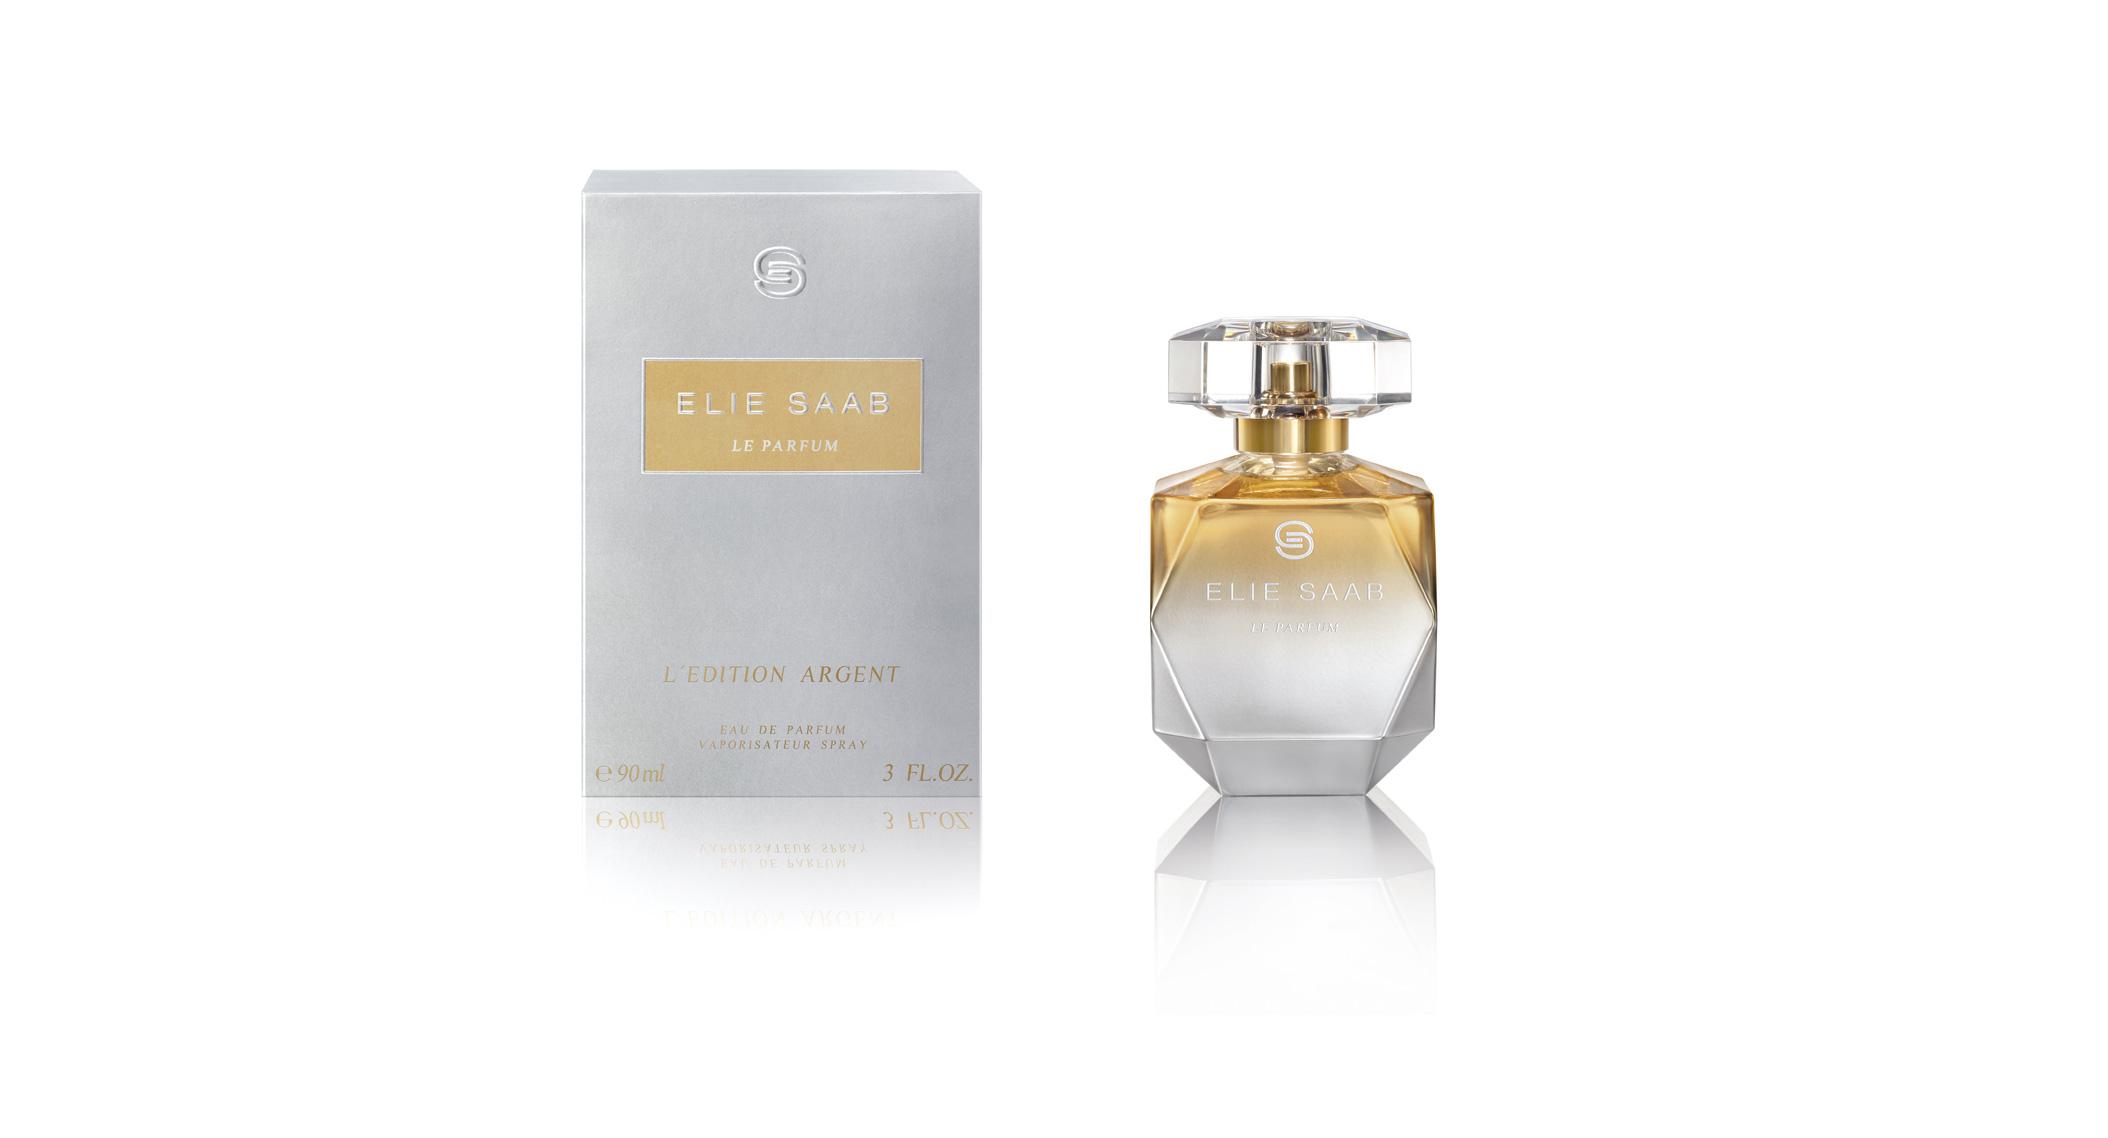 Elie Saab, Le Parfum L'Edition Argent